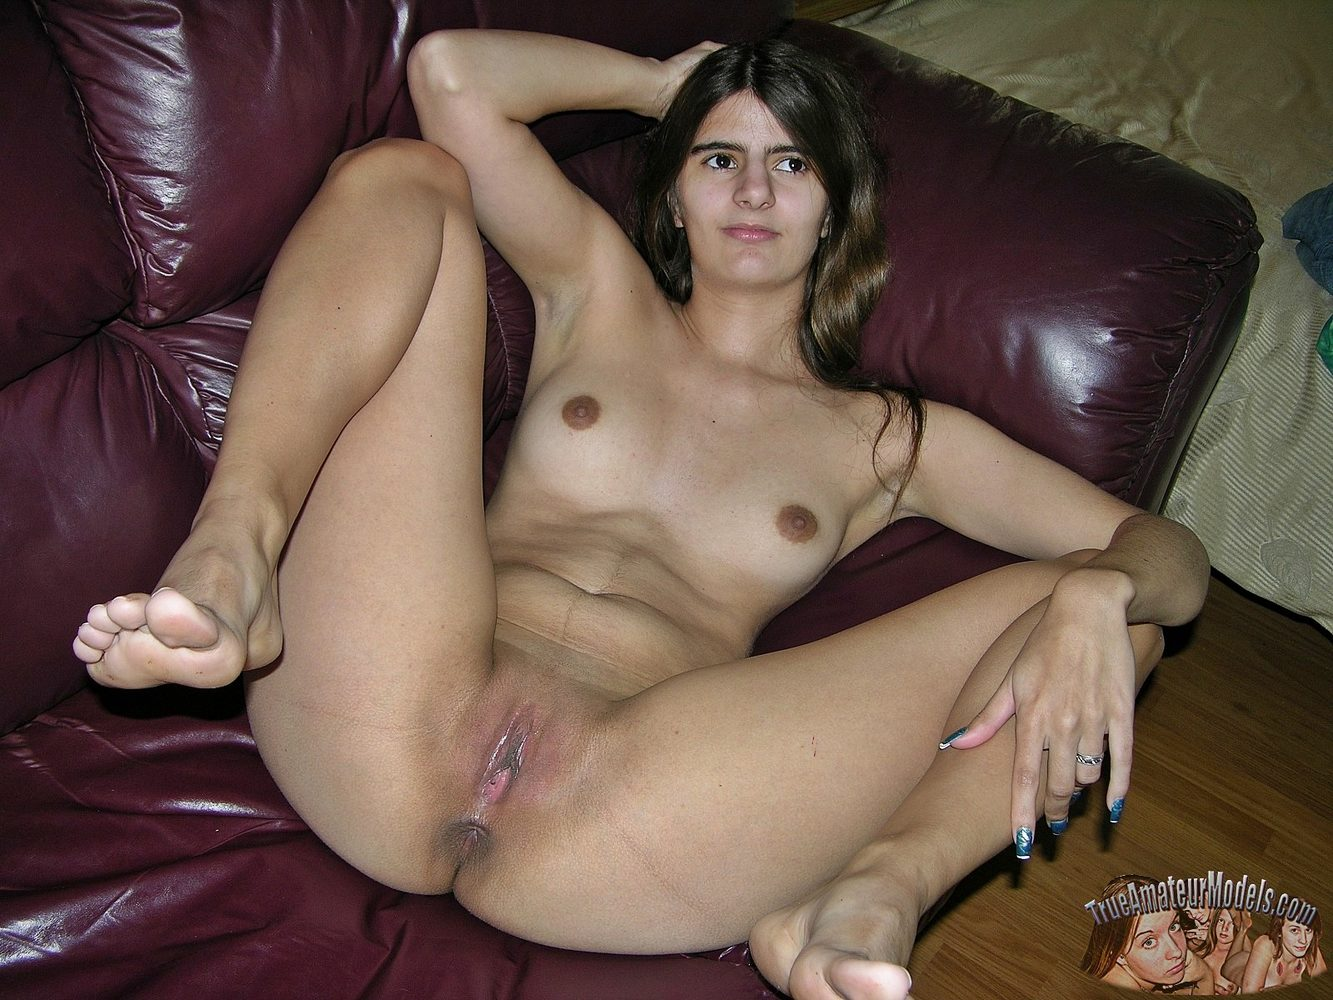 Big arab saggy tits